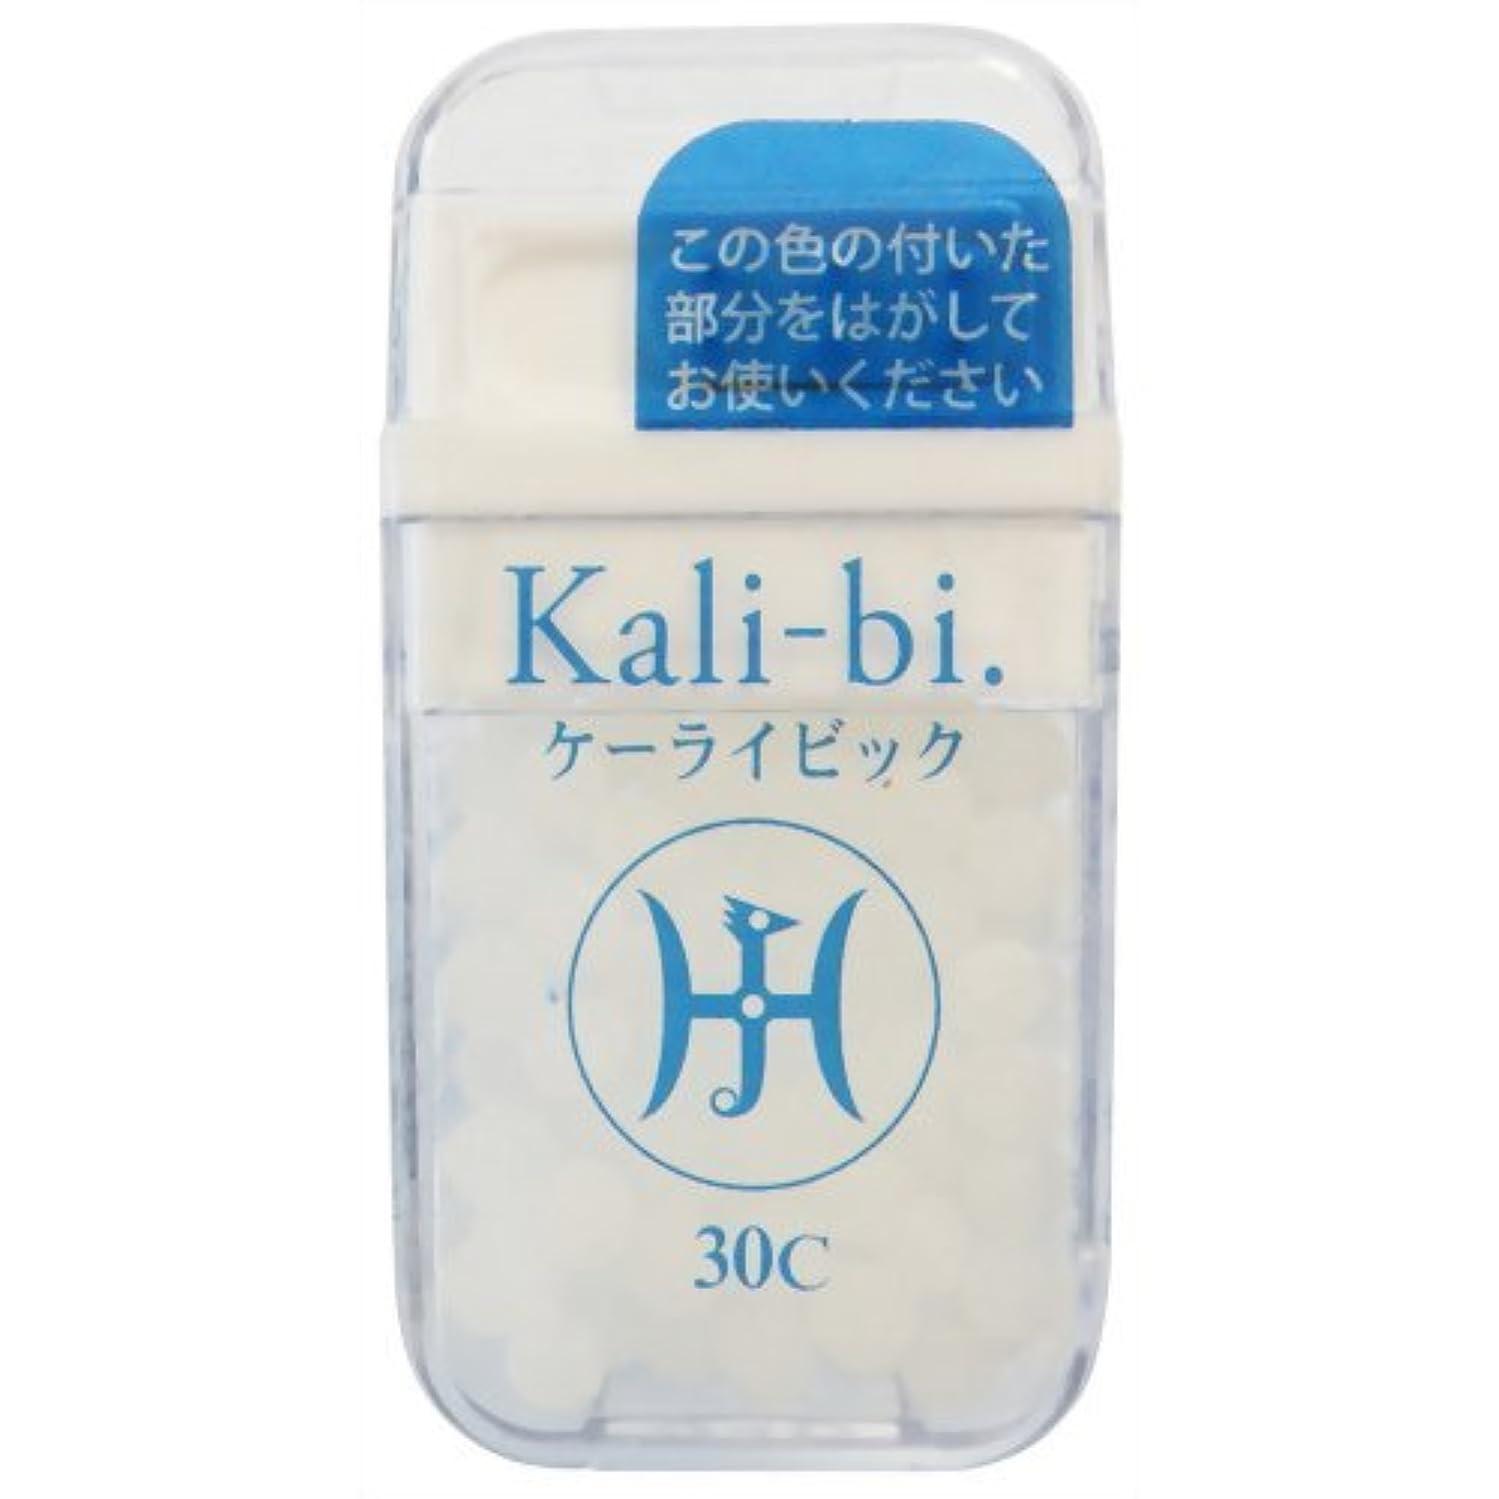 廃棄不調和カールホメオパシージャパンレメディー Kali-bi.  ケーライビック 30C (大ビン)